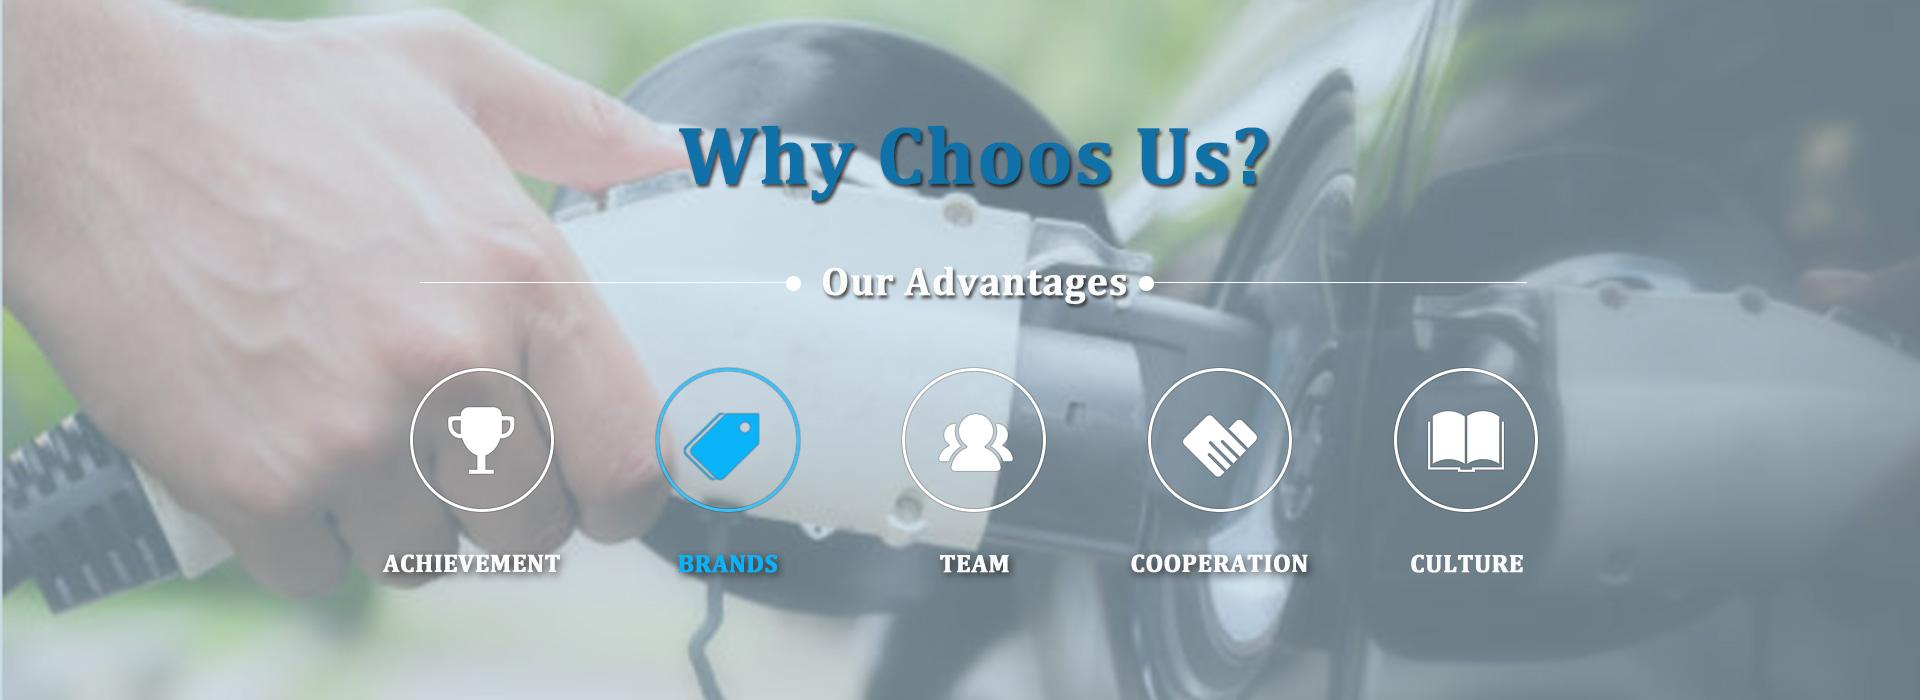 ev car charger manufacturers, ev charging station manufacturers